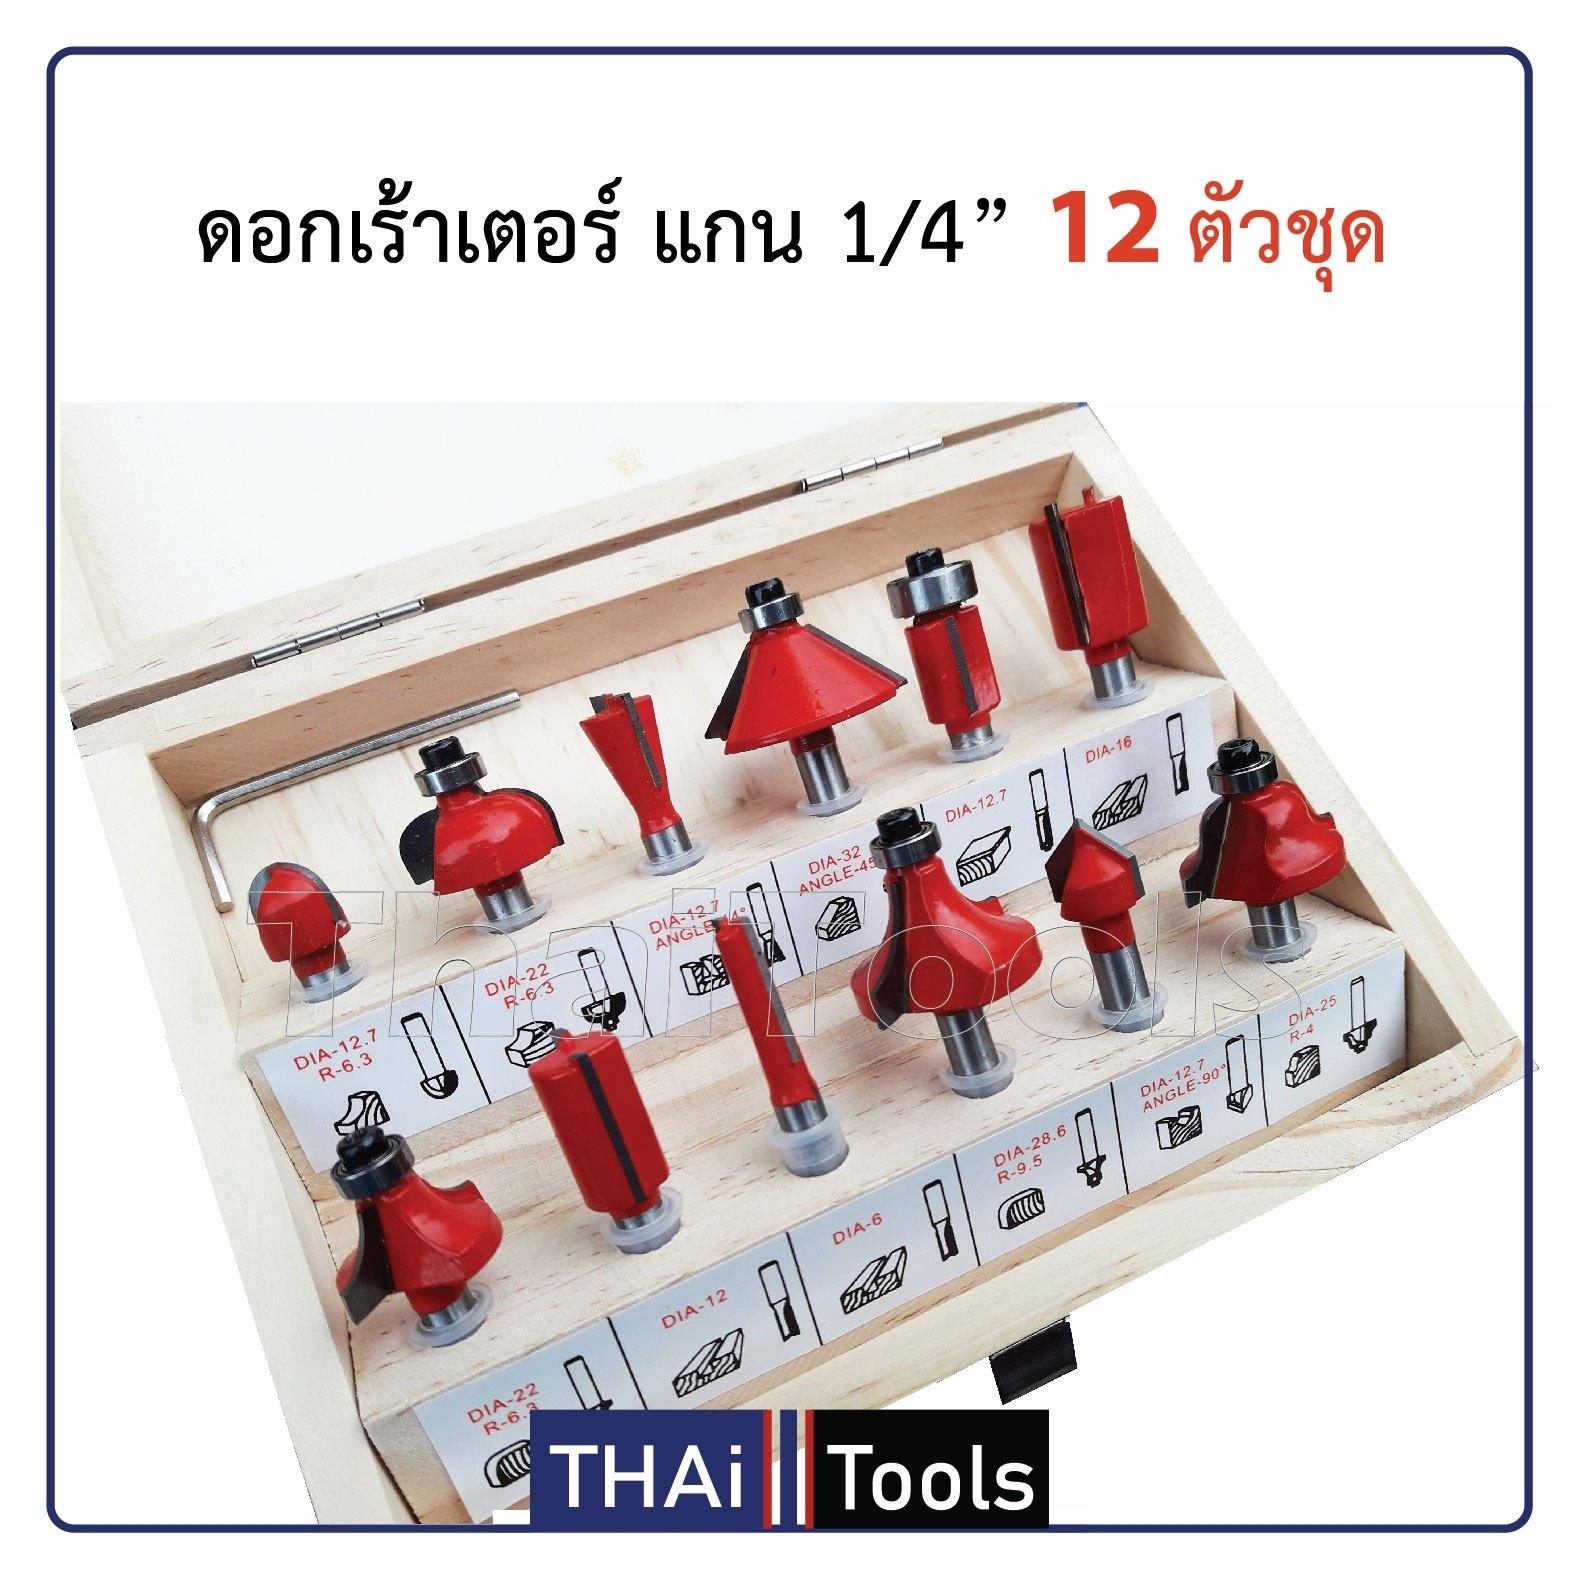 ดอกทริมเมอร์ 12 ดอก Trimmer เซาะร่อง ขุด แกะลวดลาย 1/4 ( แกน 6 มิล ) กล่องไม้ สวยงาม สำหรับ เครื่องเซาะร่อง ทริมเมอร์ เราเตอร์ 2 หุน.